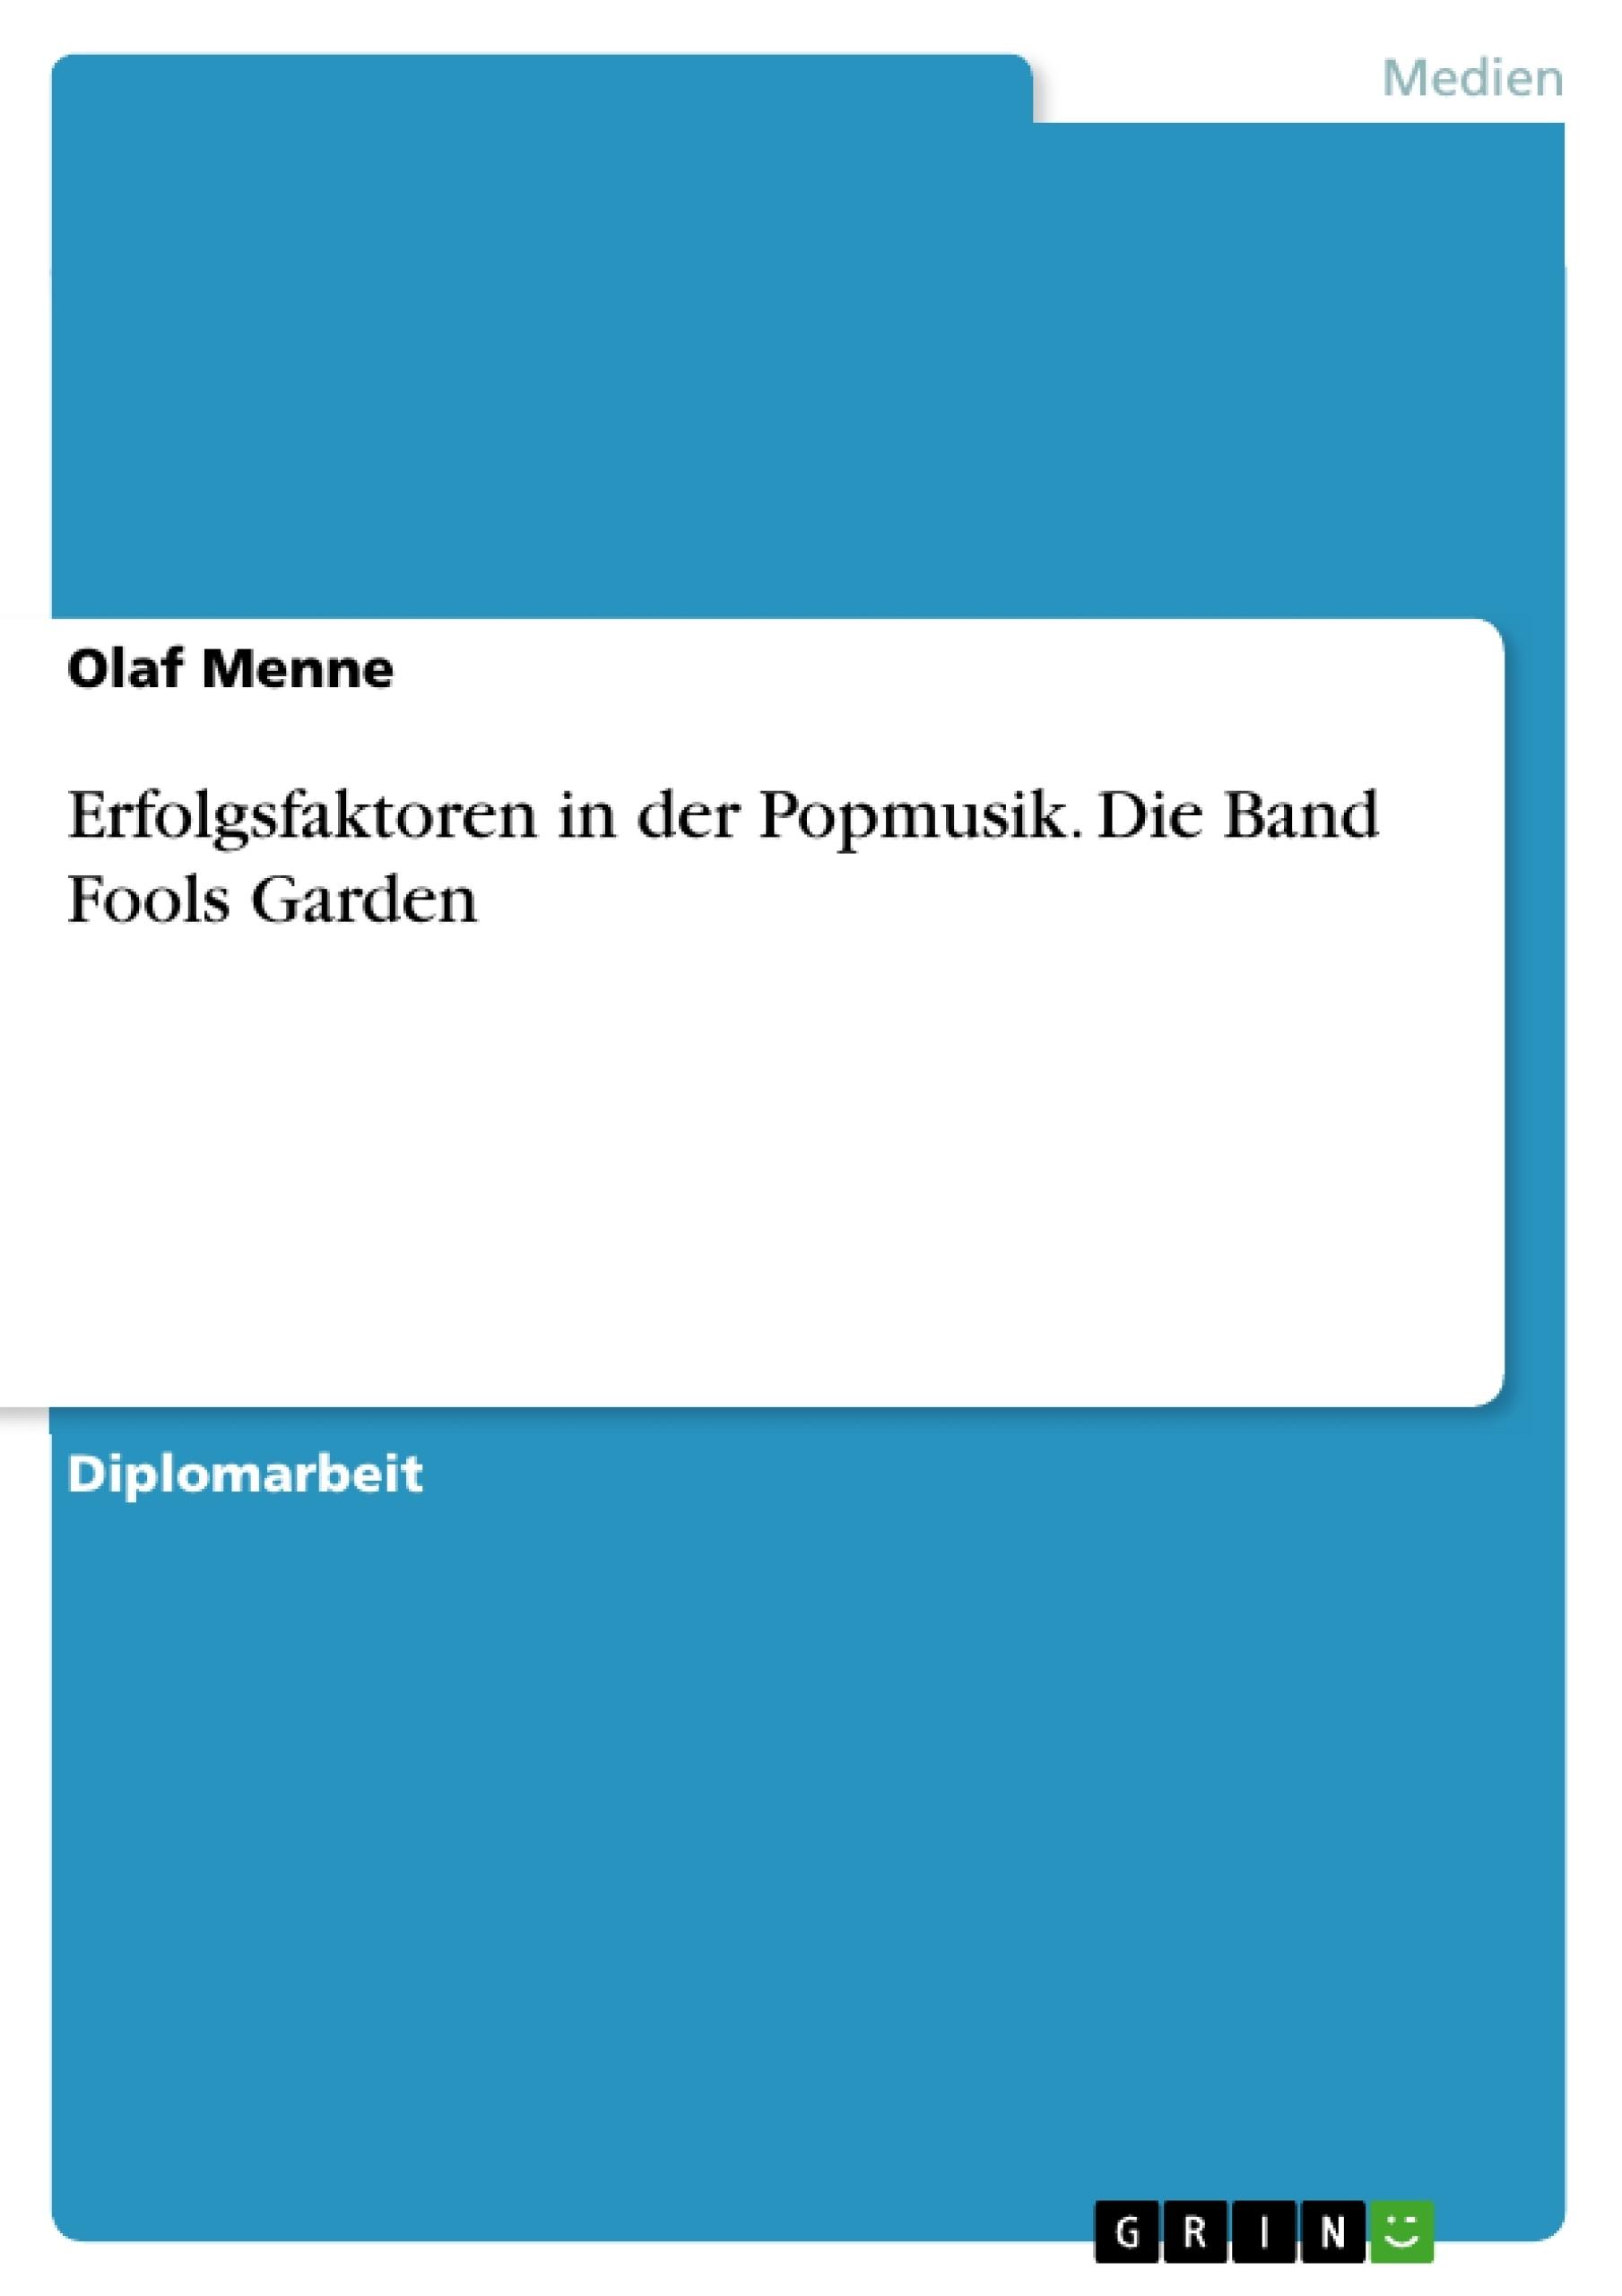 Titel: Erfolgsfaktoren in der Popmusik. Die Band Fools Garden